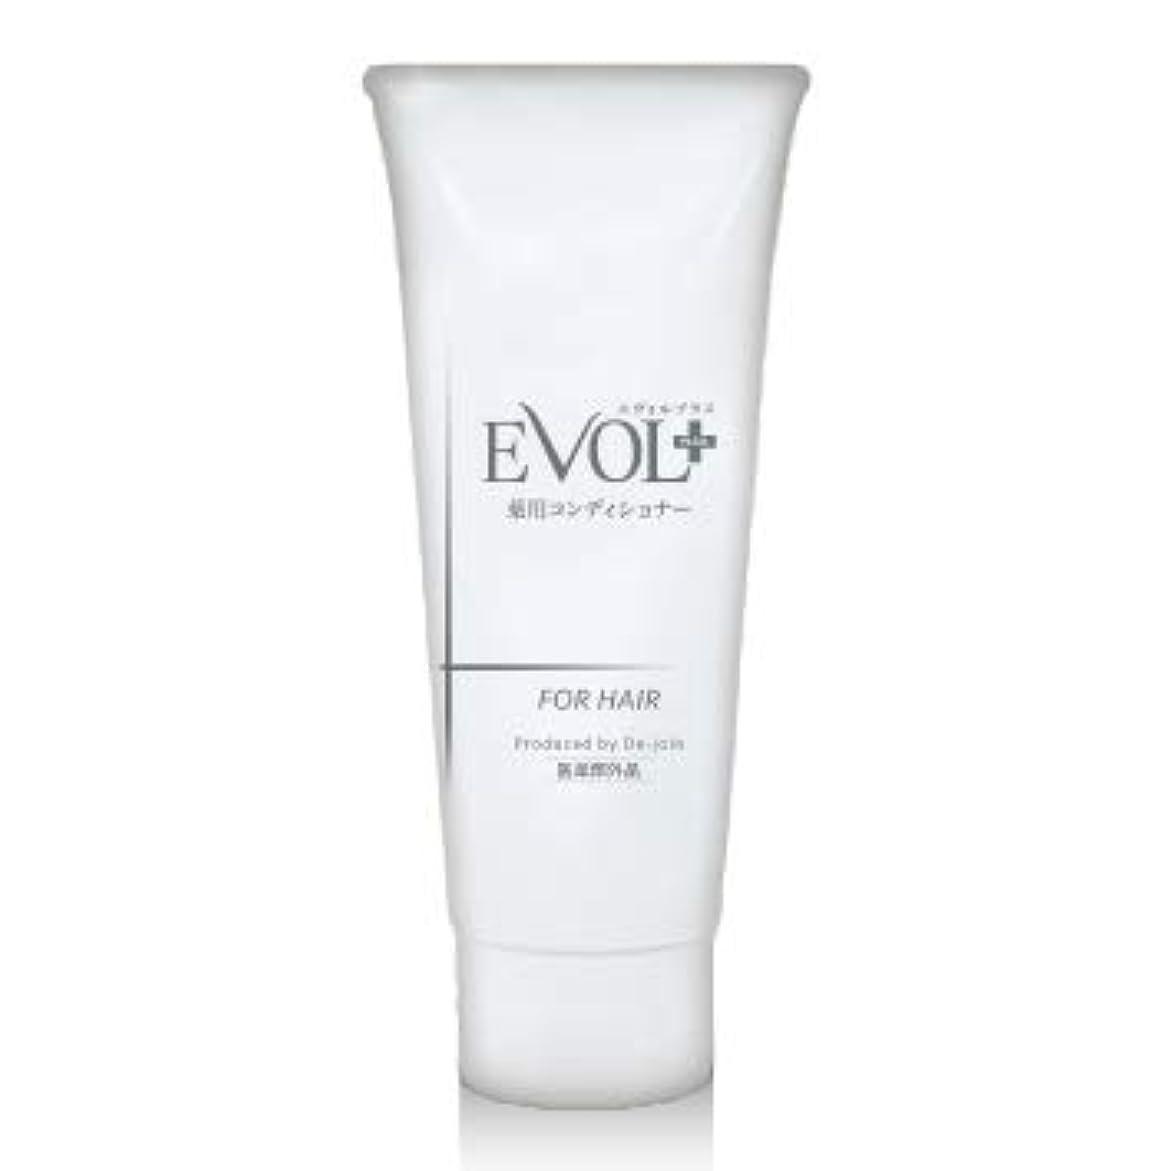 味付け満州美的EVOL+(エヴォルプラス)薬用育毛コンディショナー お得なコース